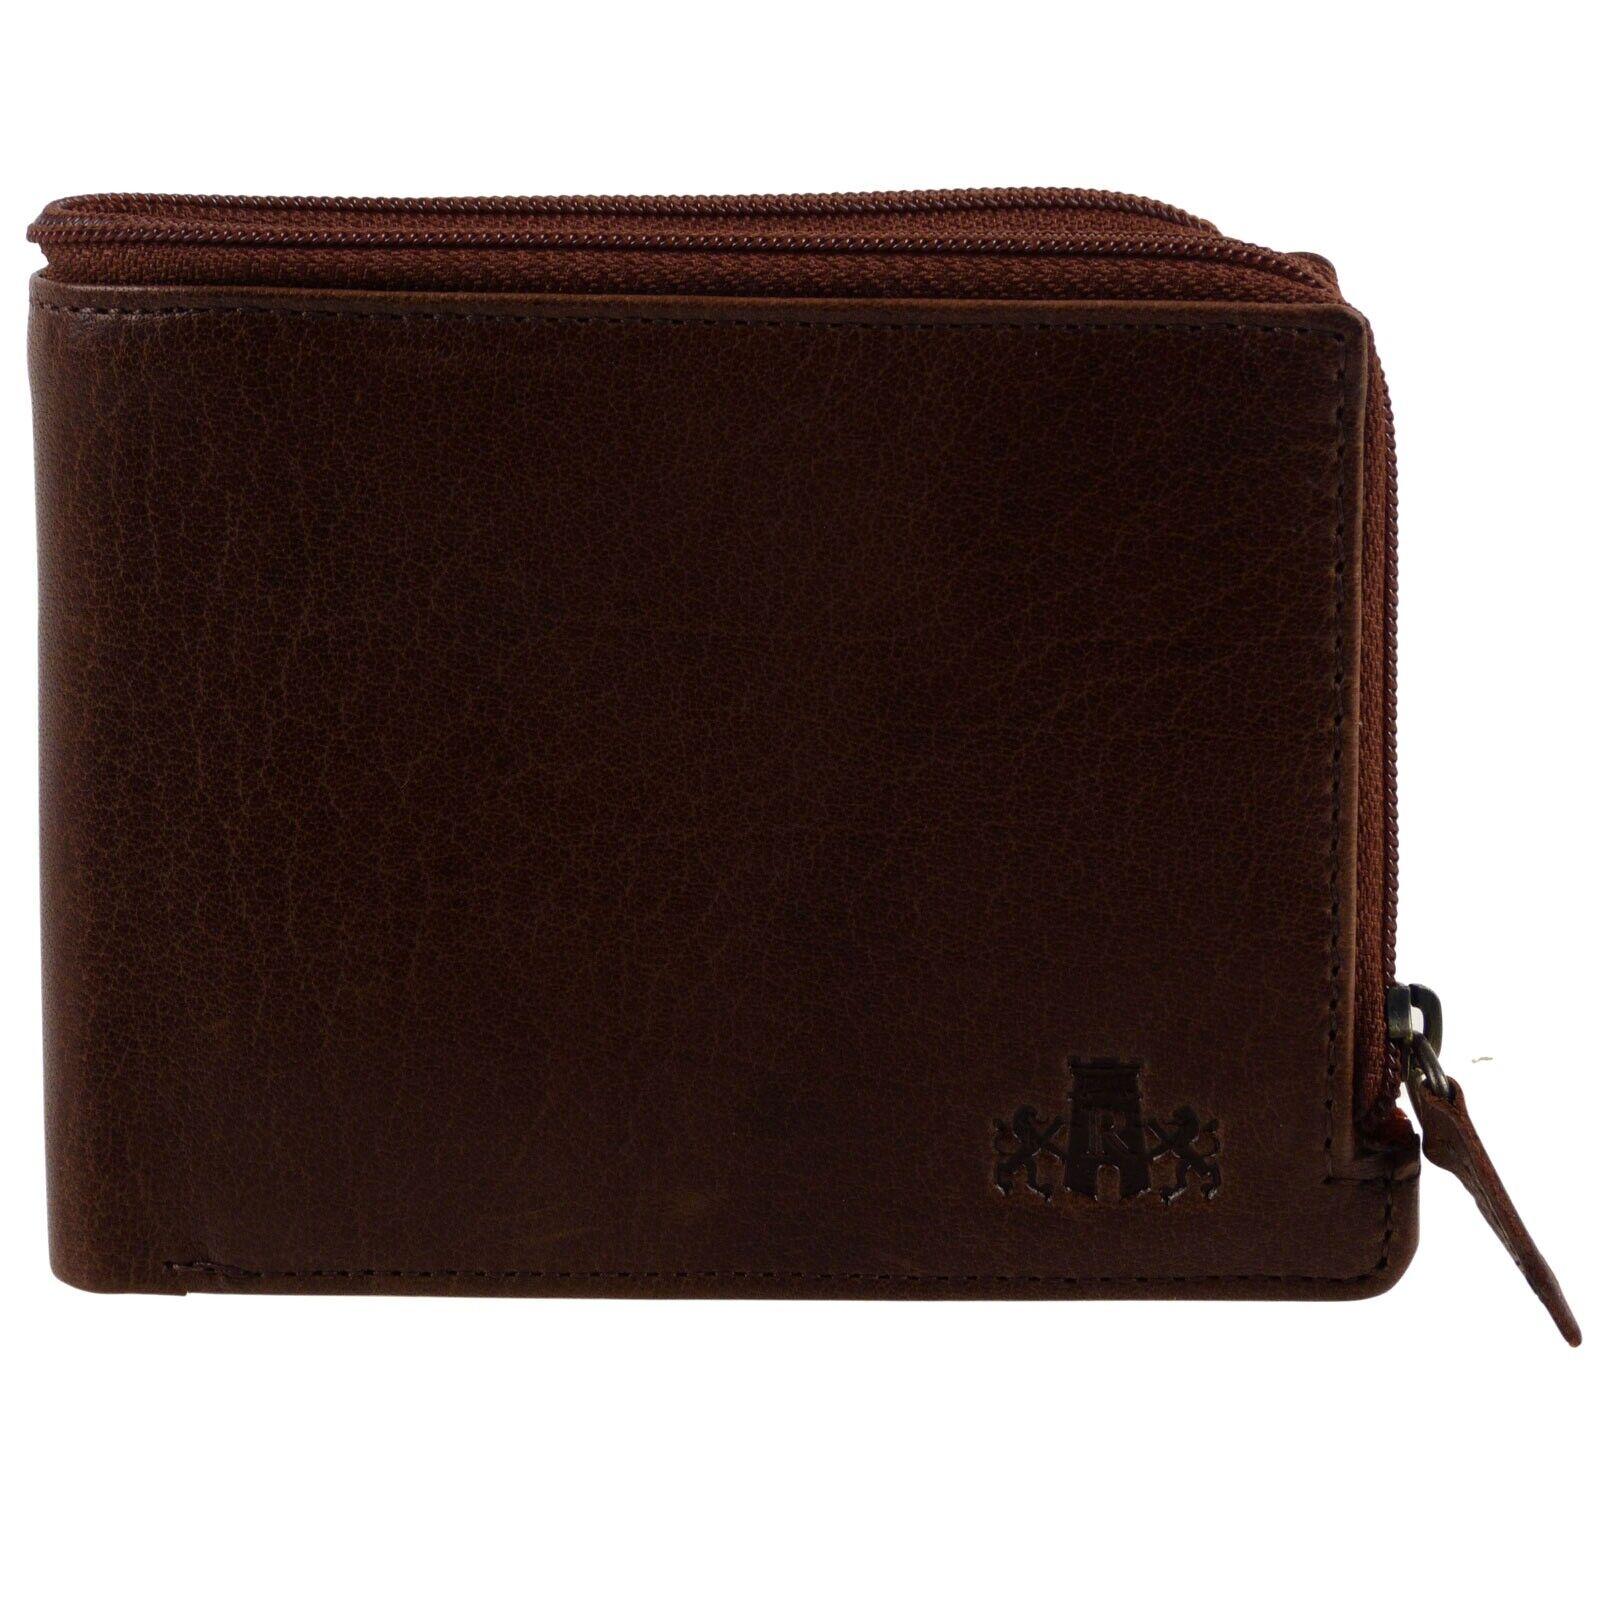 Mens Vintage Buffalo Leather Bi-Fold Wallet by Rowallan Zipped Change Veg Tan